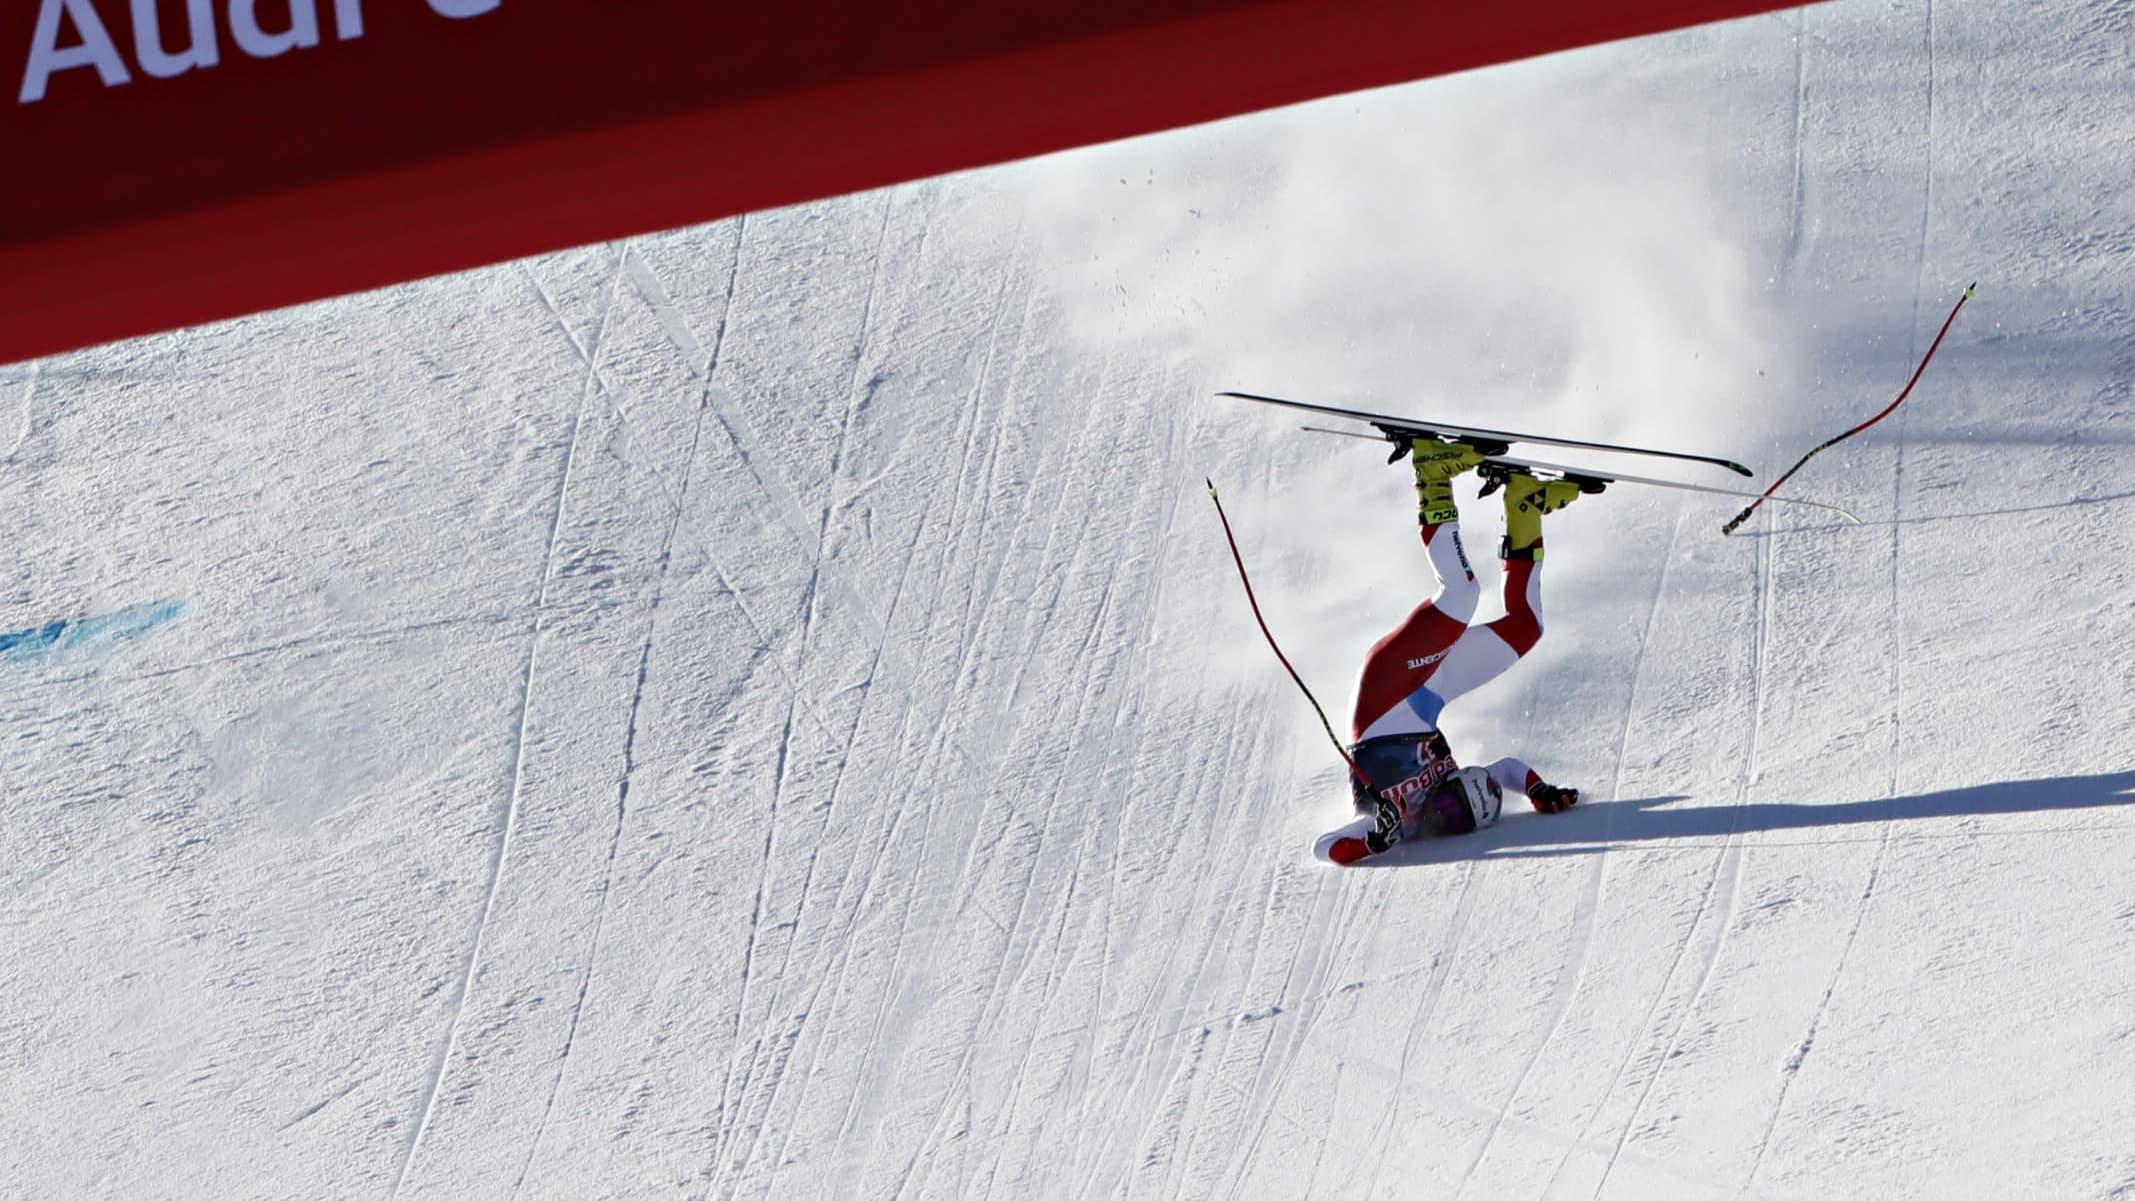 Kitzbühelin legendaarisessa syöksykilpailussa järkyttäviä kaatumisia